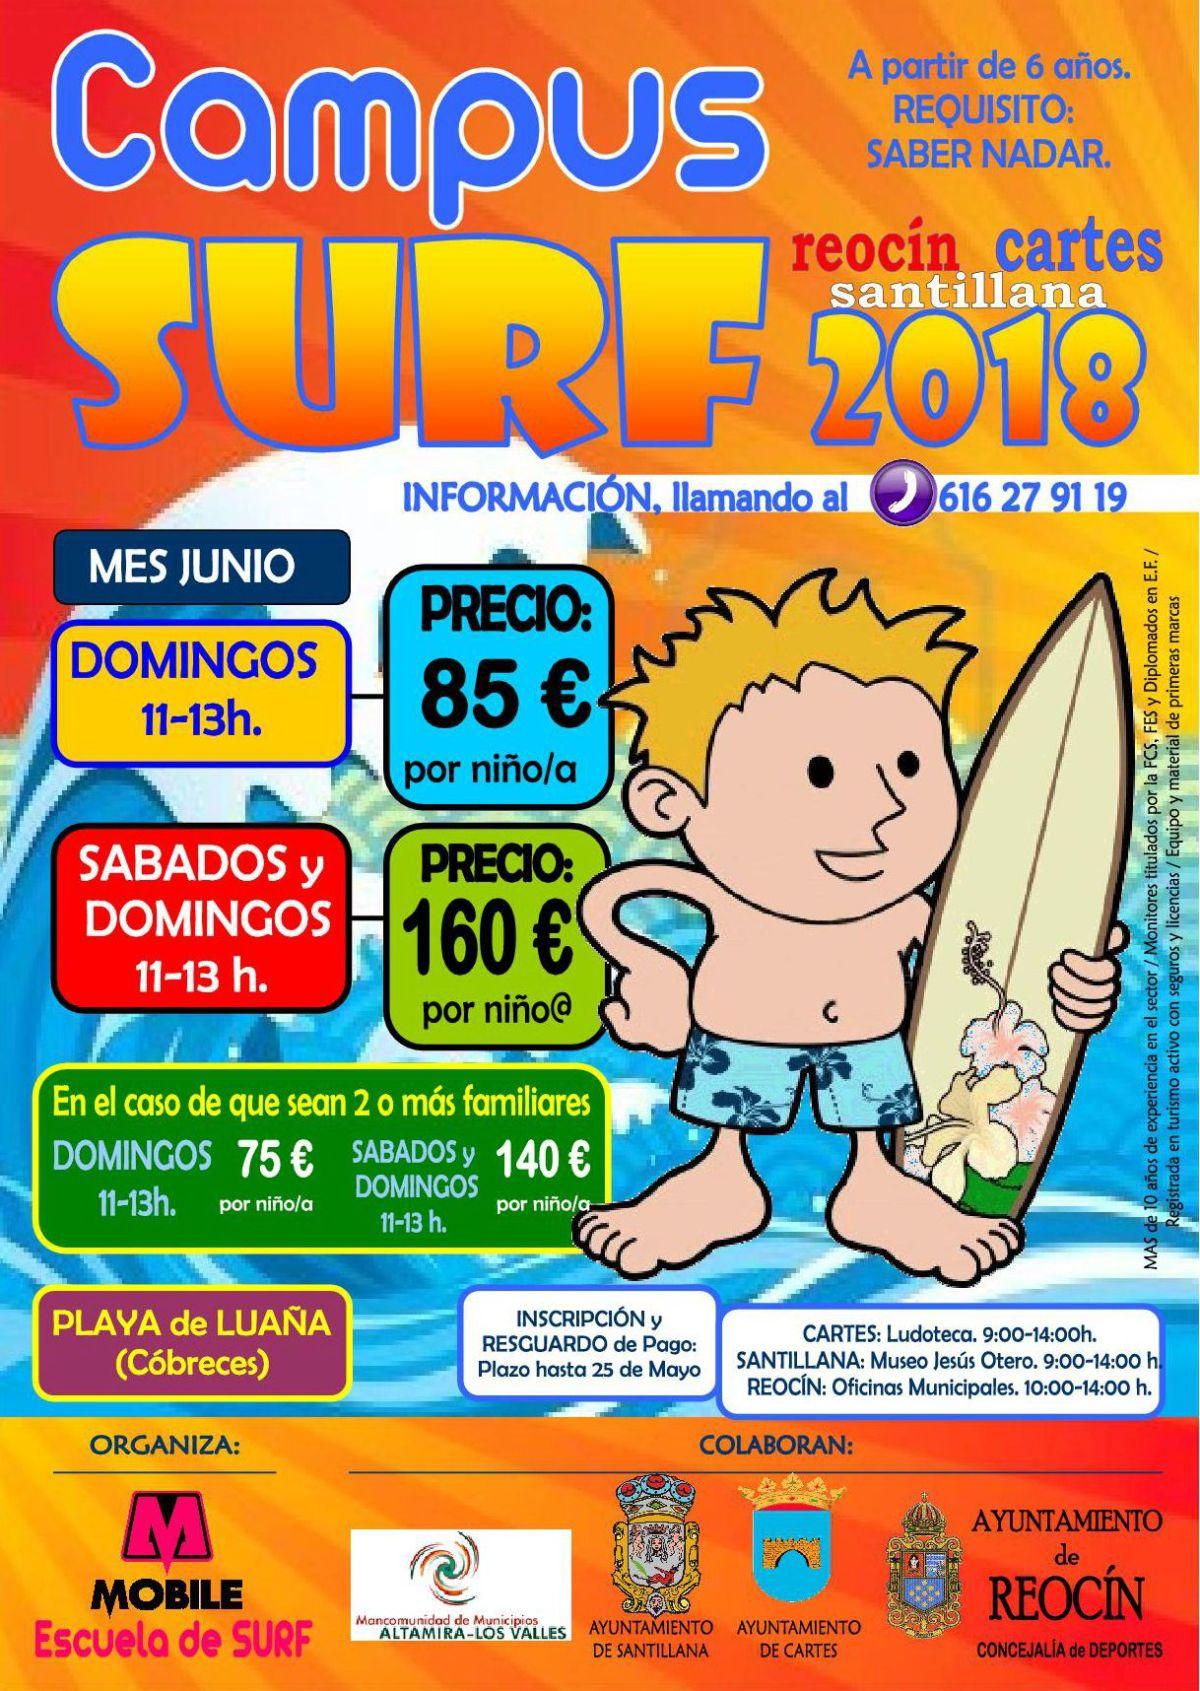 cartel campus de surf 2018